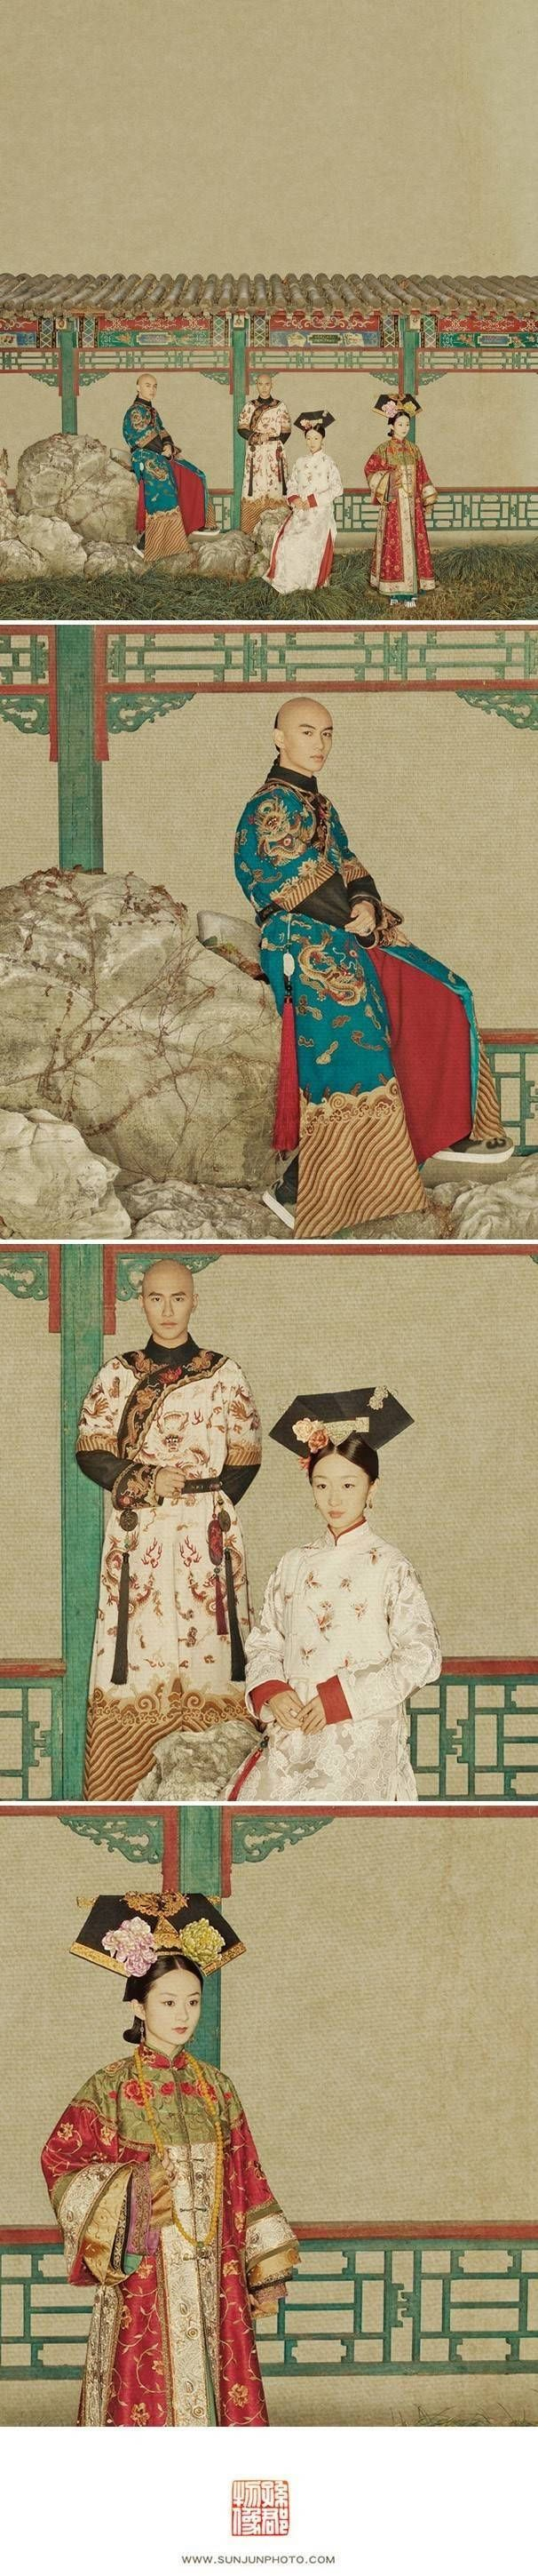 大陸攝影藝術家 - 孫郡,他把現代女明星拍成了中國古畫,創意、技巧雙絕,嘆為觀止,畢業於中國美術學院。其作品融入繪畫表現手法,深具東方韻味,是東方美學復興的代表人物之一,被譽為「攝影詩人」。